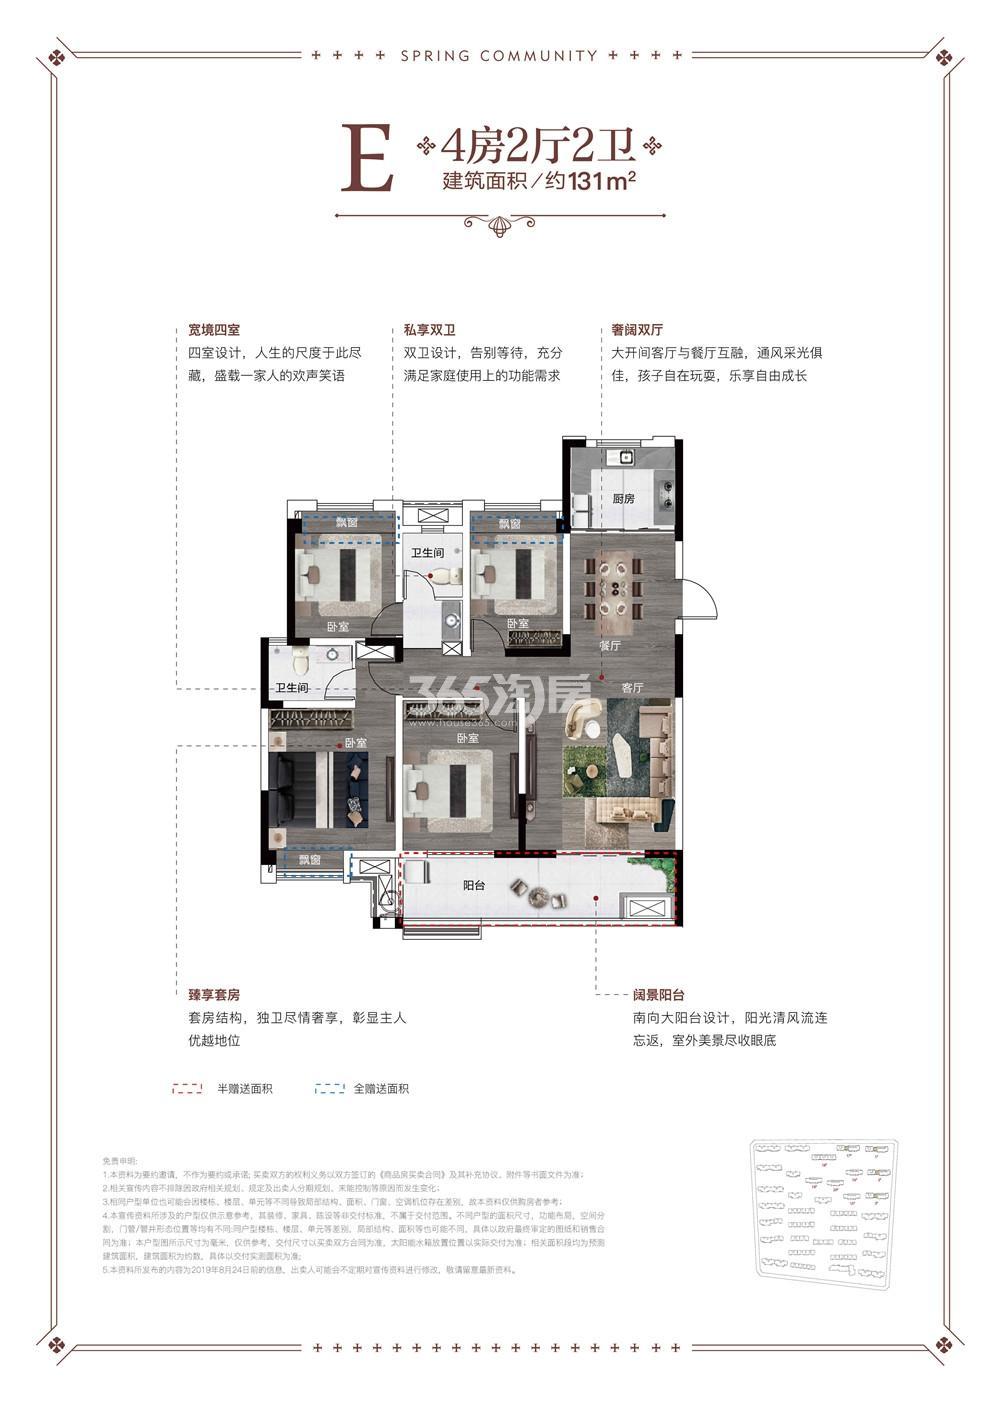 温莎公馆三期·春天里4房2厅2卫131㎡户型图